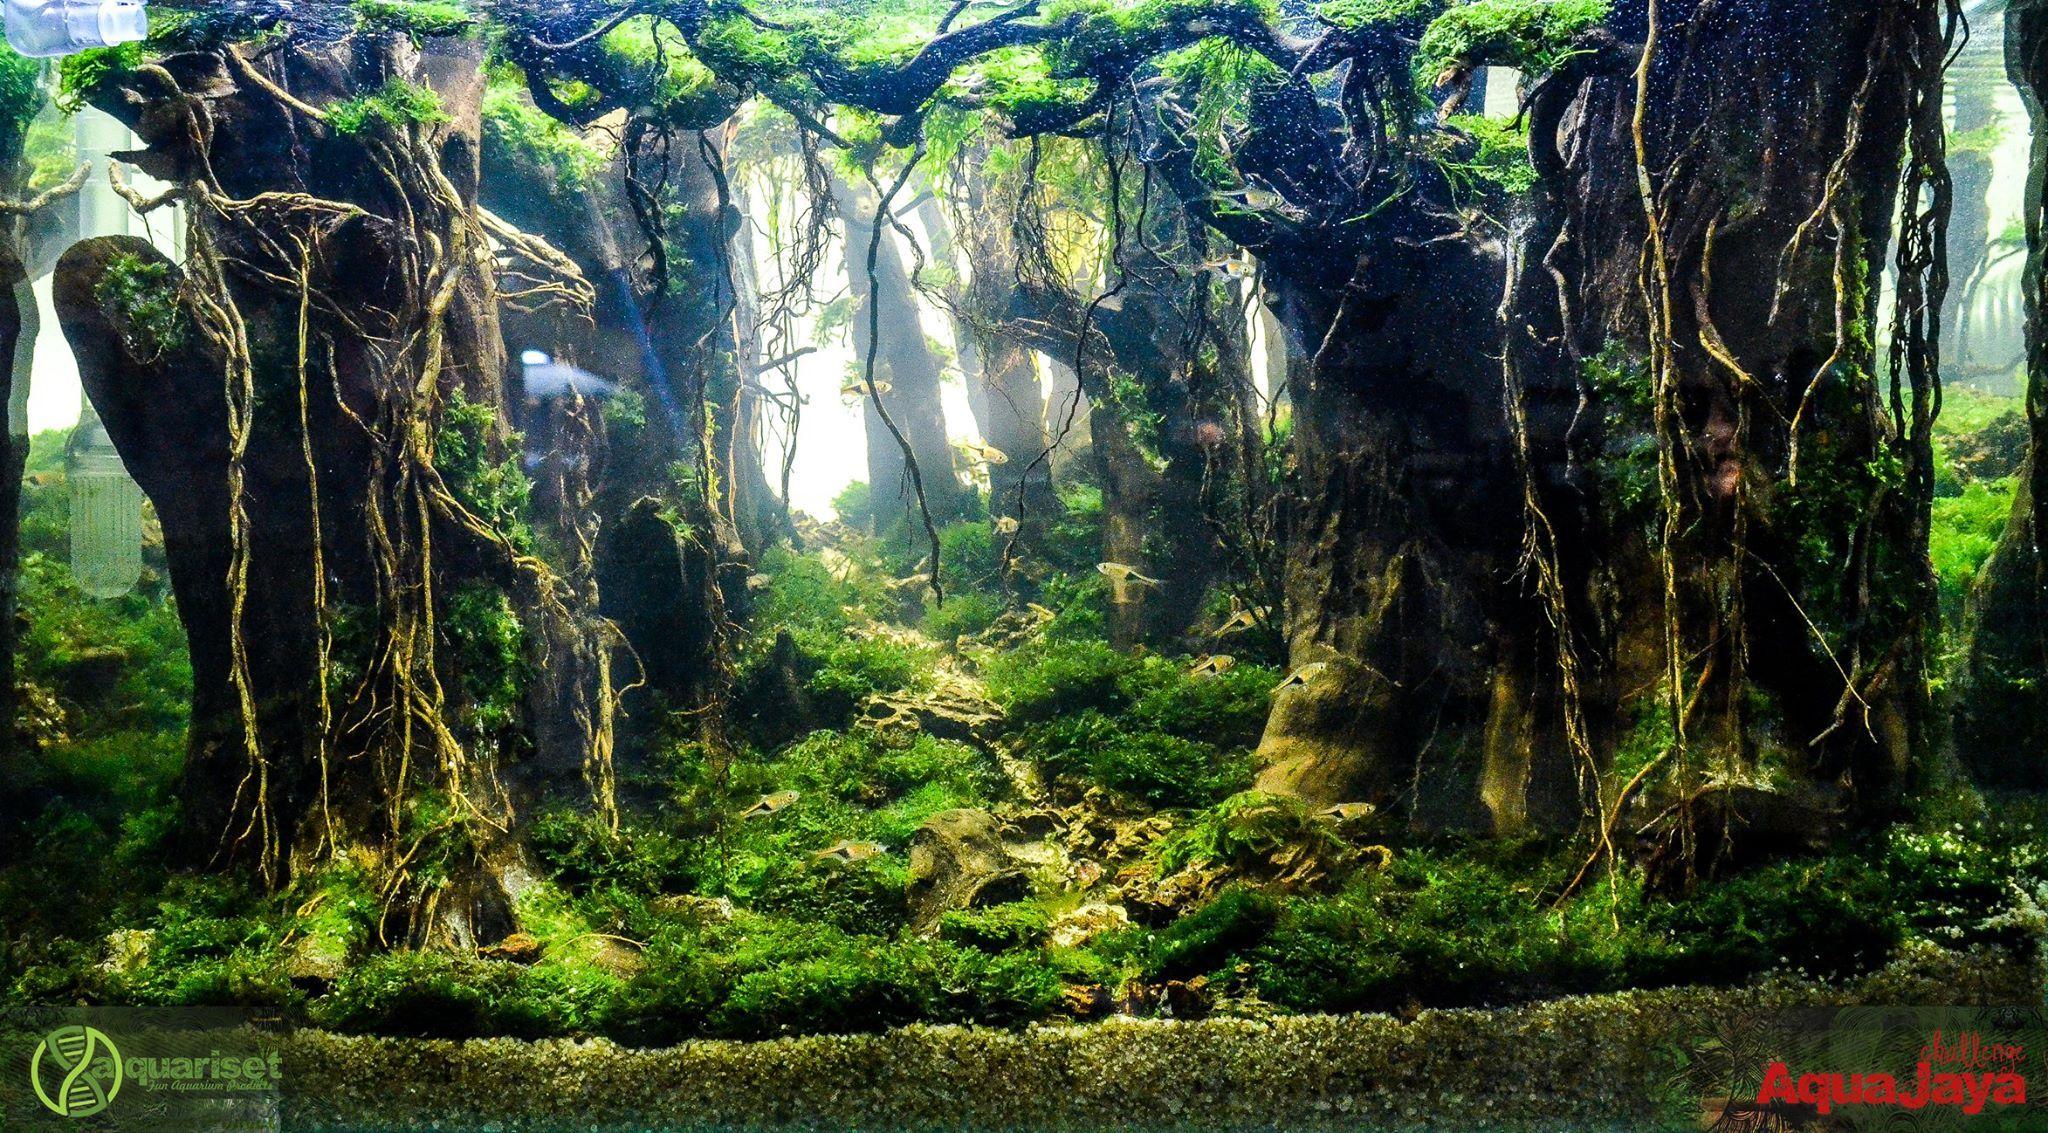 100 Aquascape Ideas | Live aquarium plants, Aquascape ...